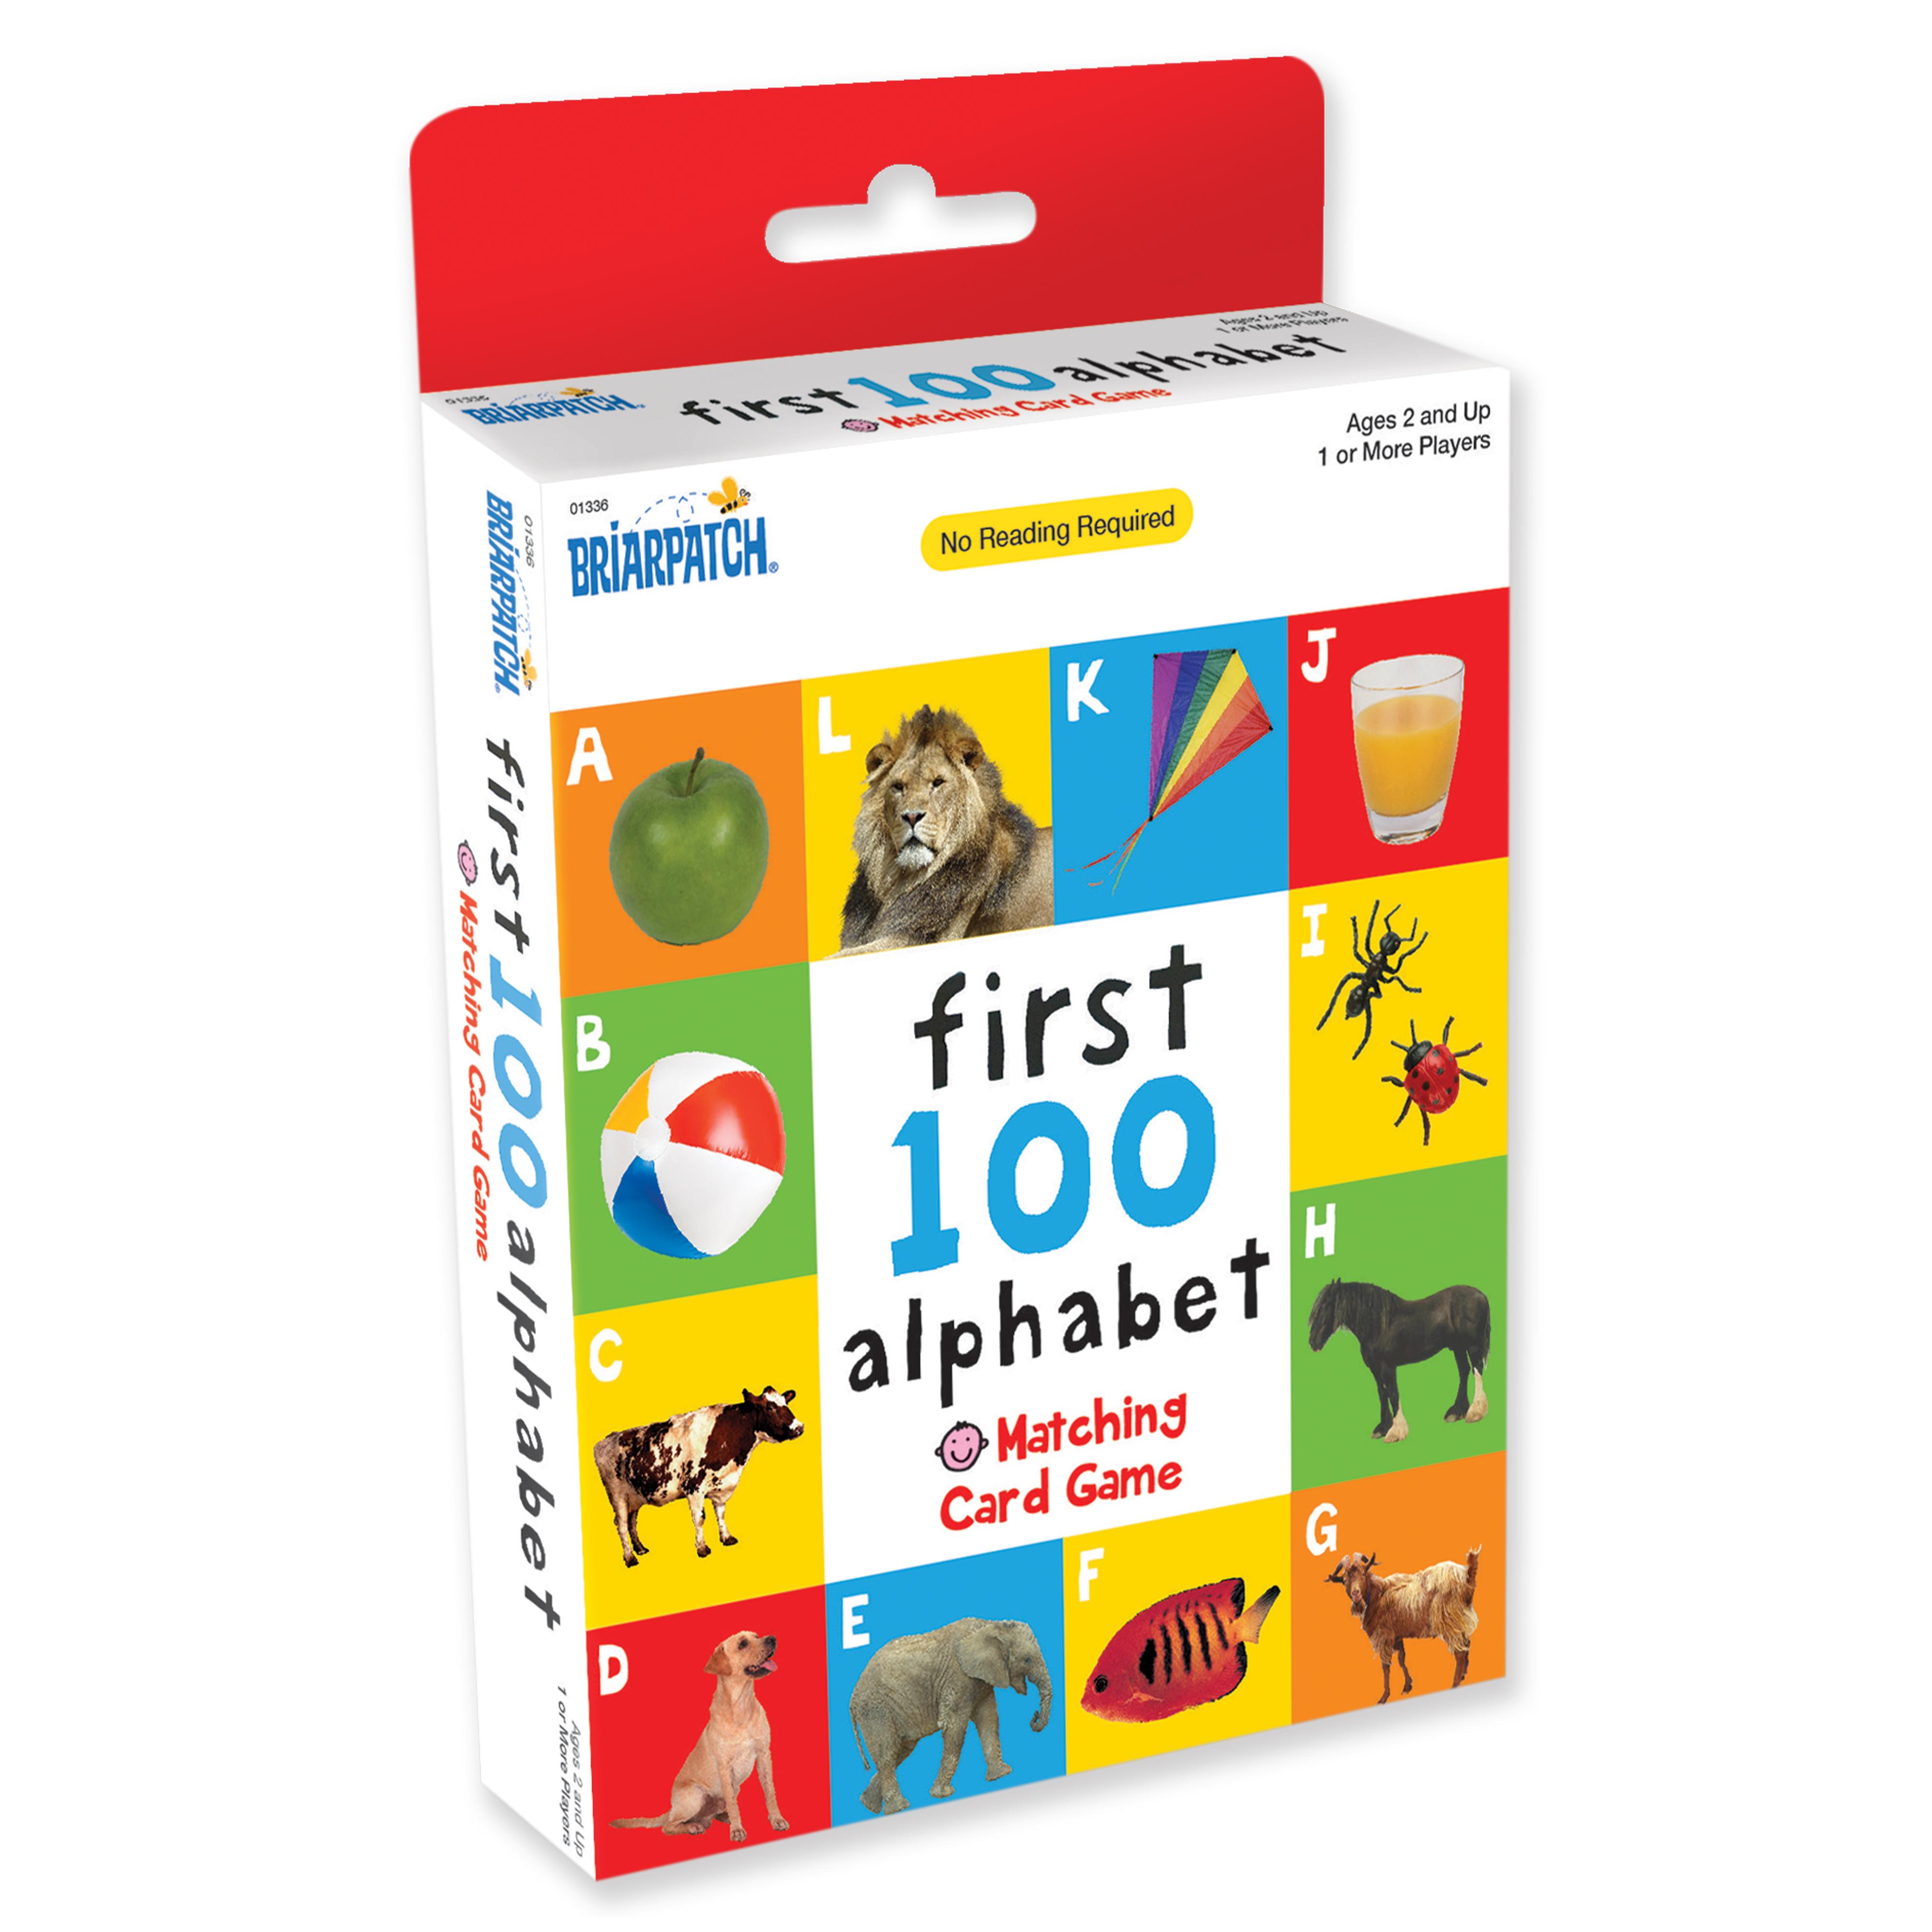 First 100 Matching Card Game Alphabet